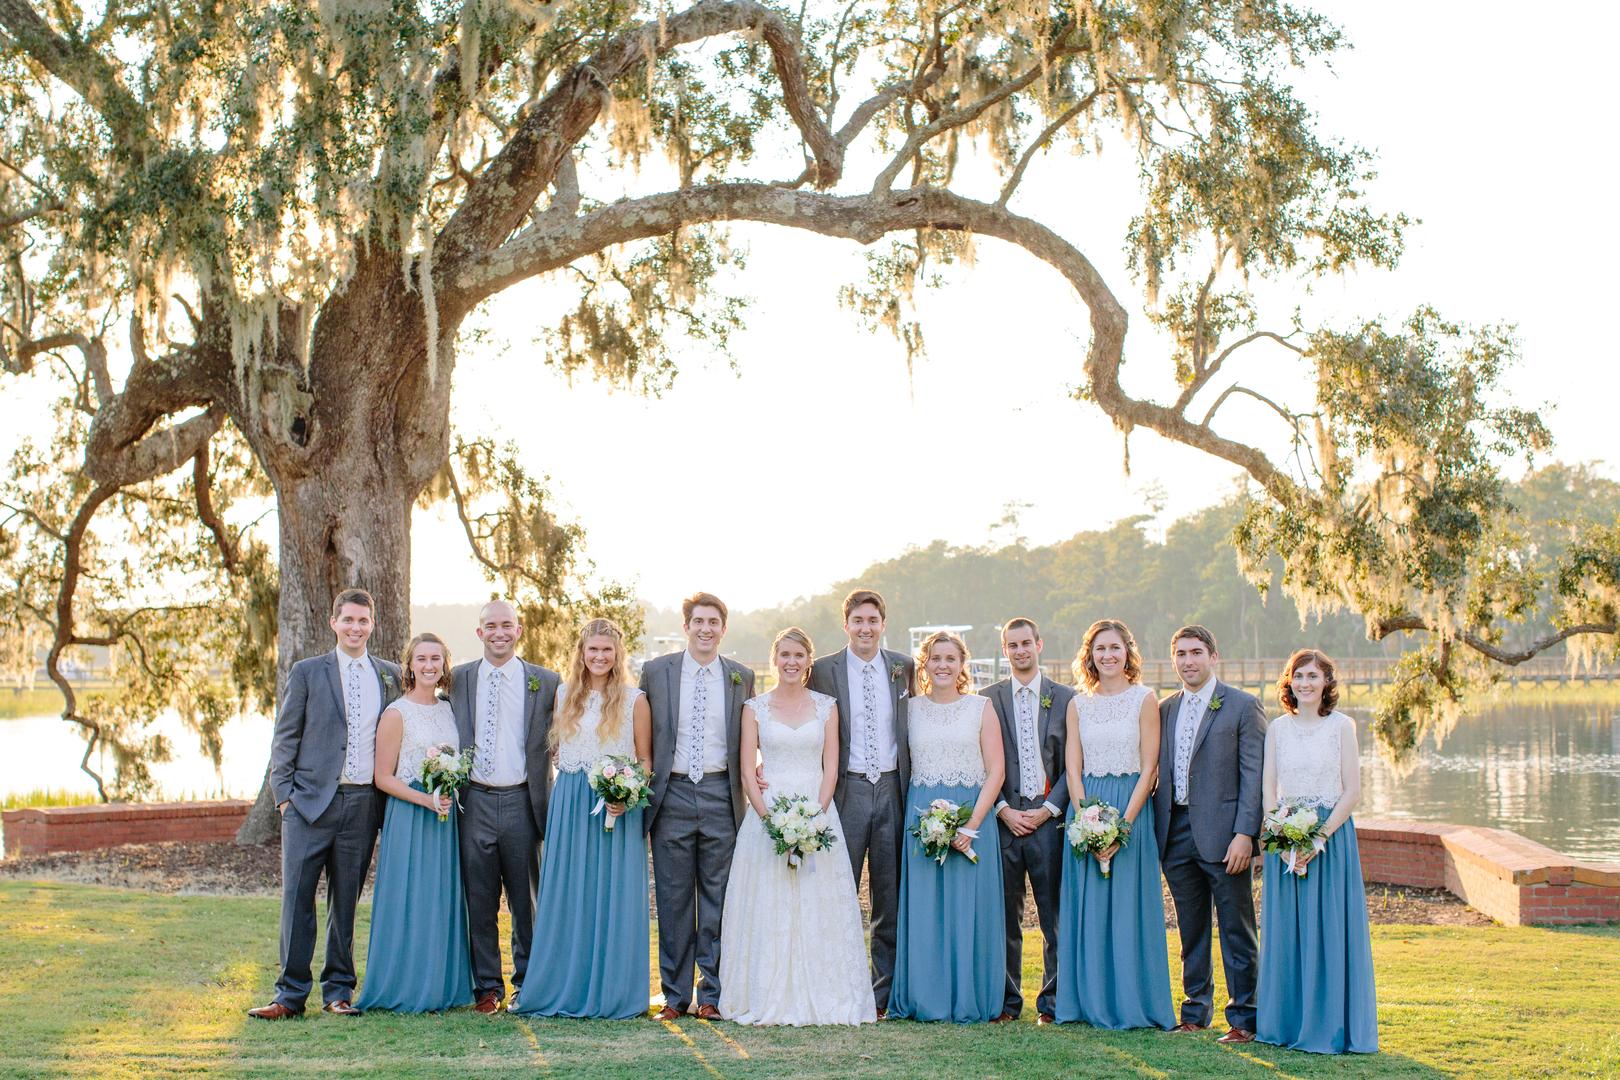 dunes-west-golf-club-wedding-1.jpg